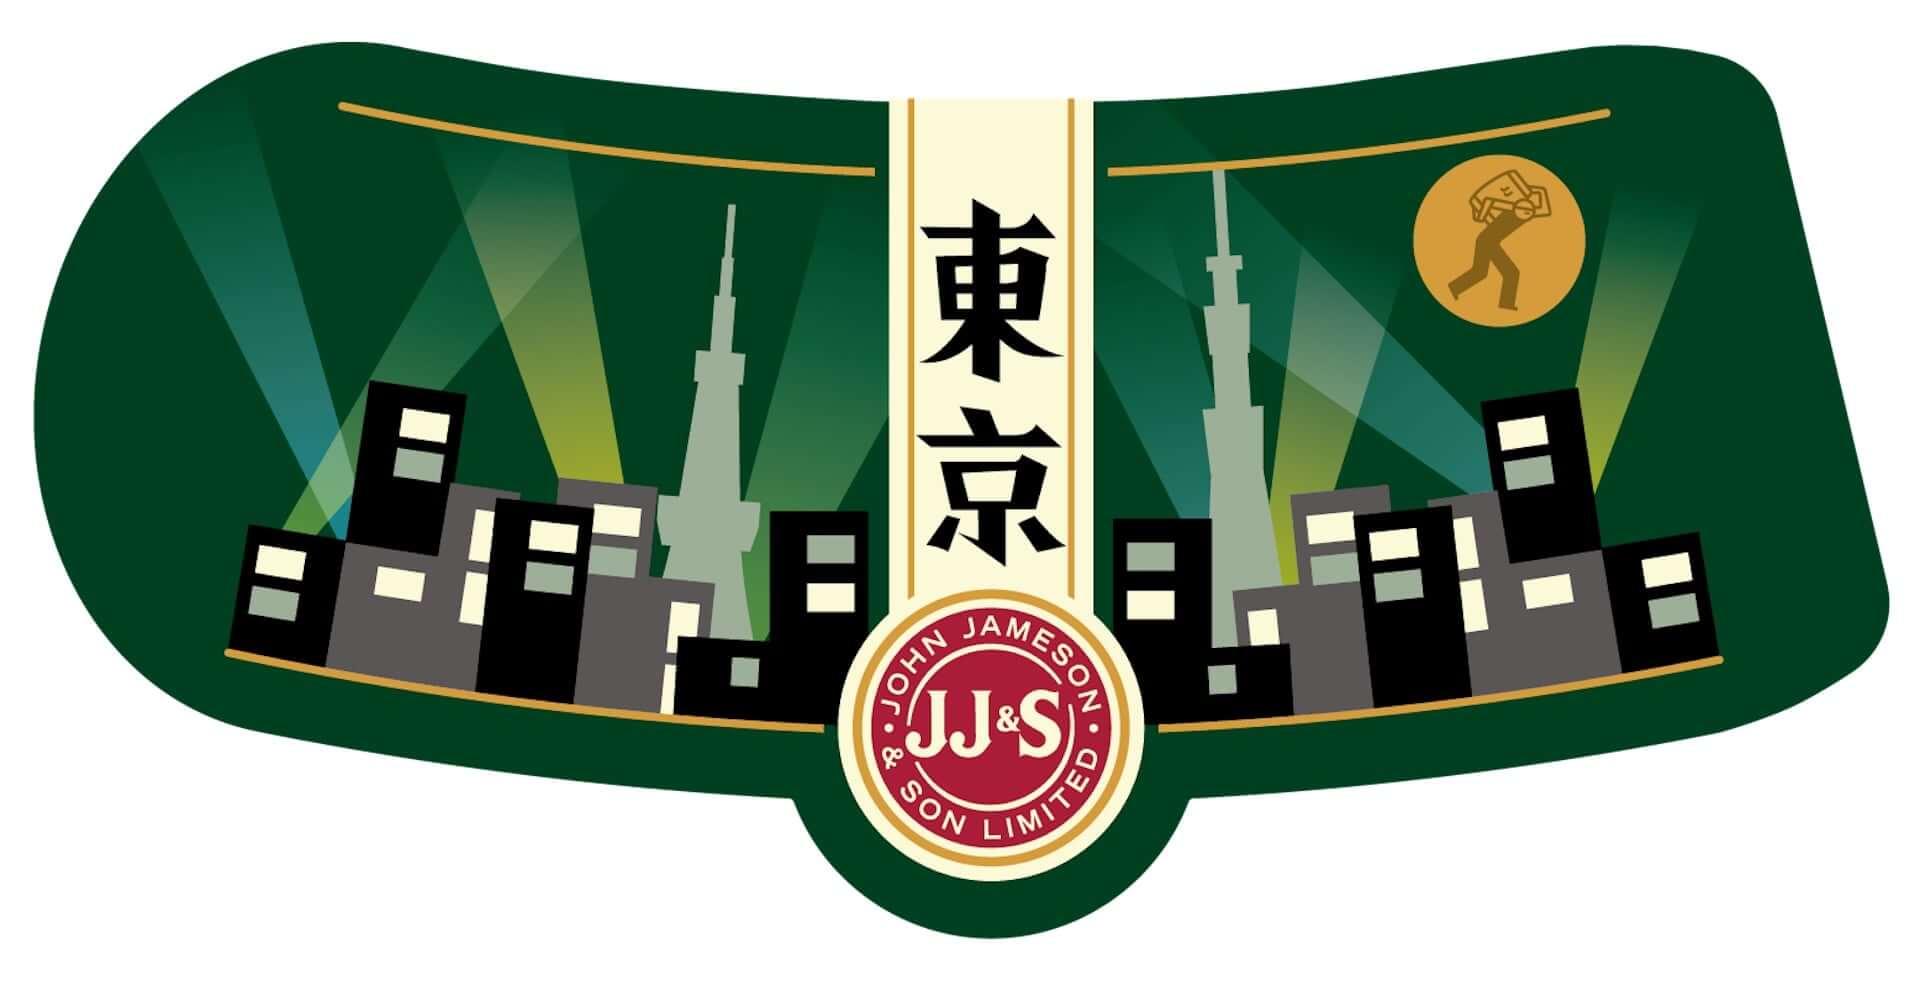 """『ジェムソン』が""""東京""""デザインの限定ボトルに!PUNK DRUNKERS・親方とコラボした『ジェムソン 東京 リミテッド』が発売決定 gourmet200828_jamesonwhiskey_6-1920x981"""